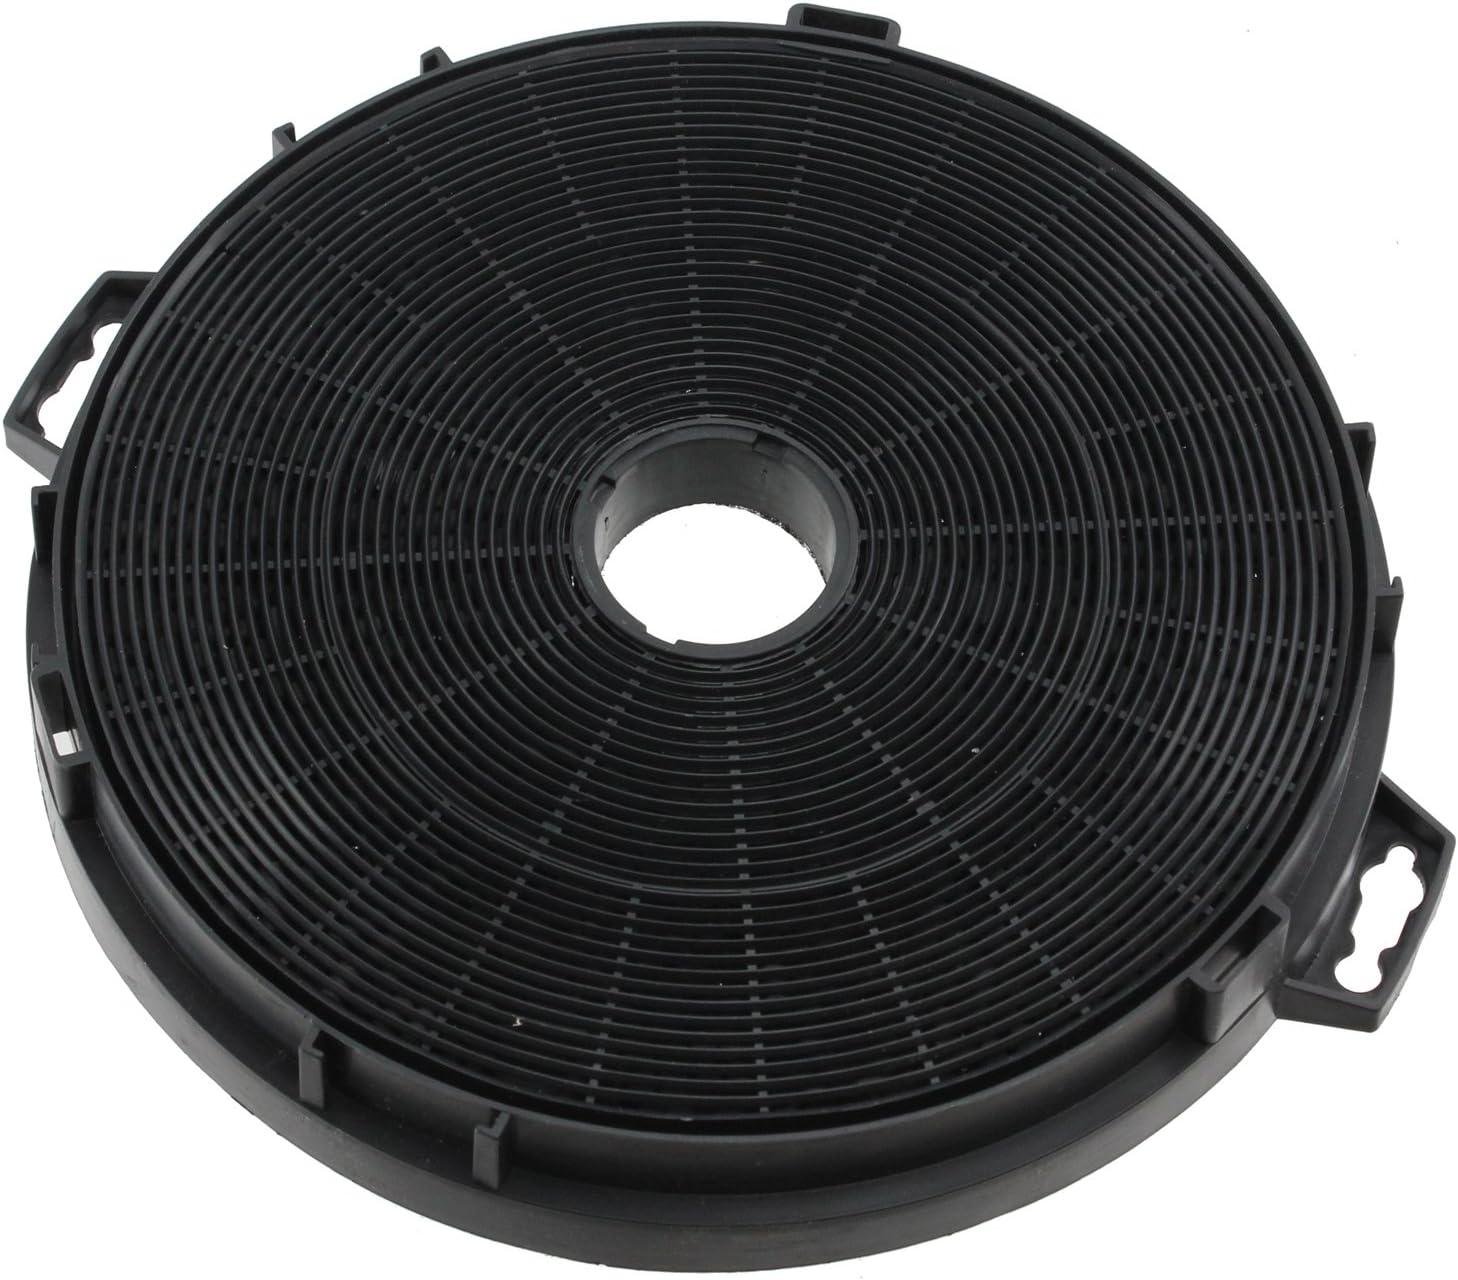 Spares2go Filtro de grasa de carbono universal para todas las marcas de campana extractora (210x 45mm)